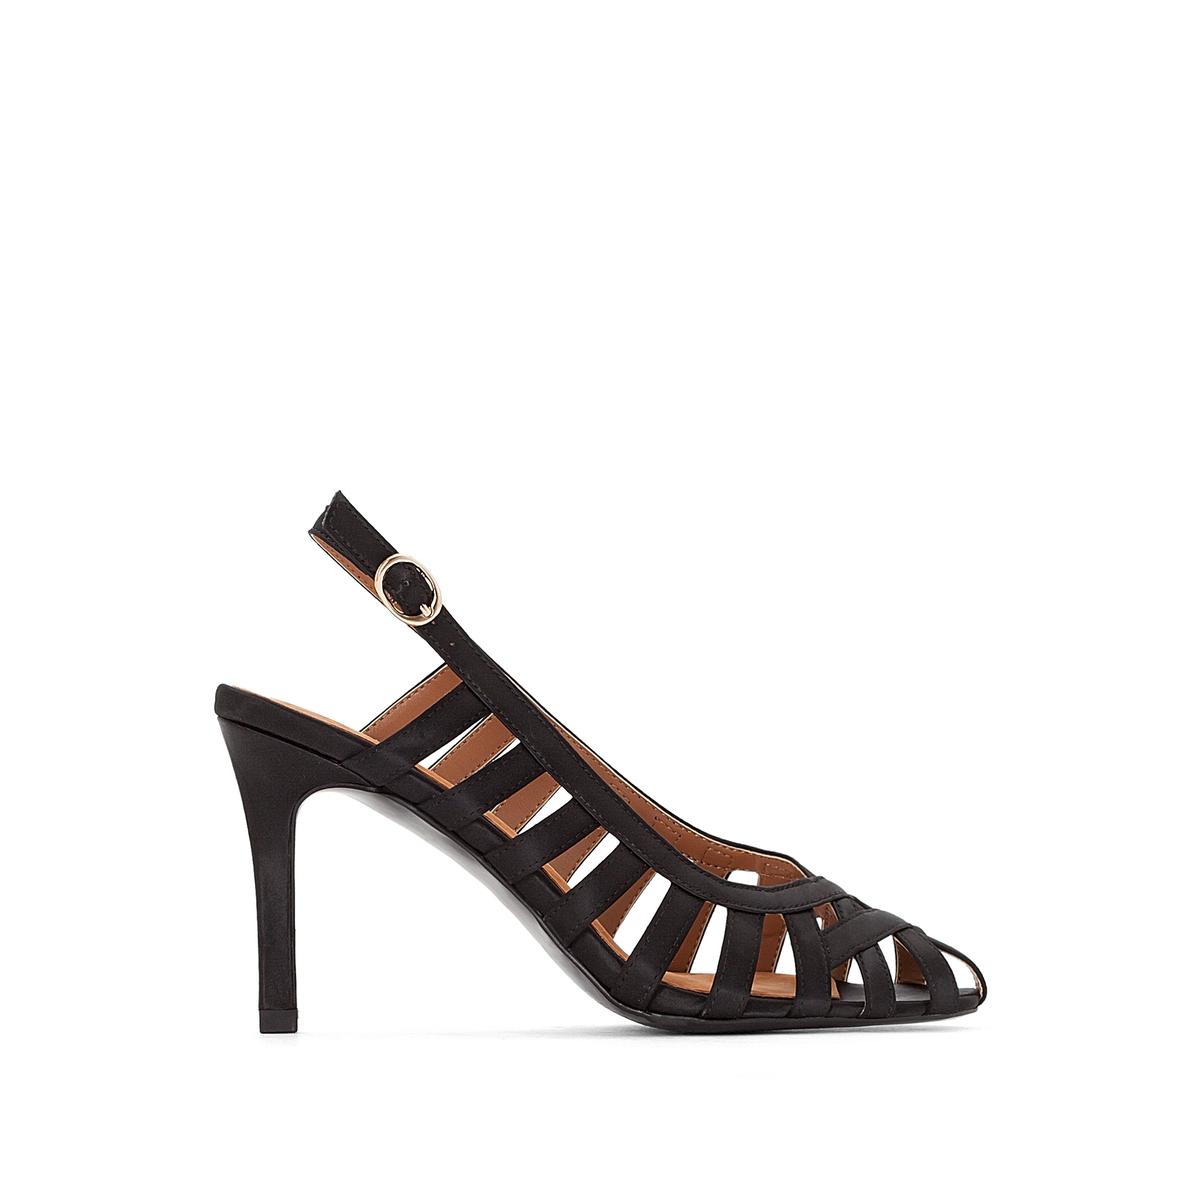 Туфли на каблукеДетали   •  Каблук-шпилька •  Высота каблука : 7,5 см •  Застежка : ремешок/пряжка •  Открытый мысок •  Гладкая отделкаСостав и уход   •  Верх 100% хлопок •  Подкладка 100% синтетический материал<br><br>Цвет: черный